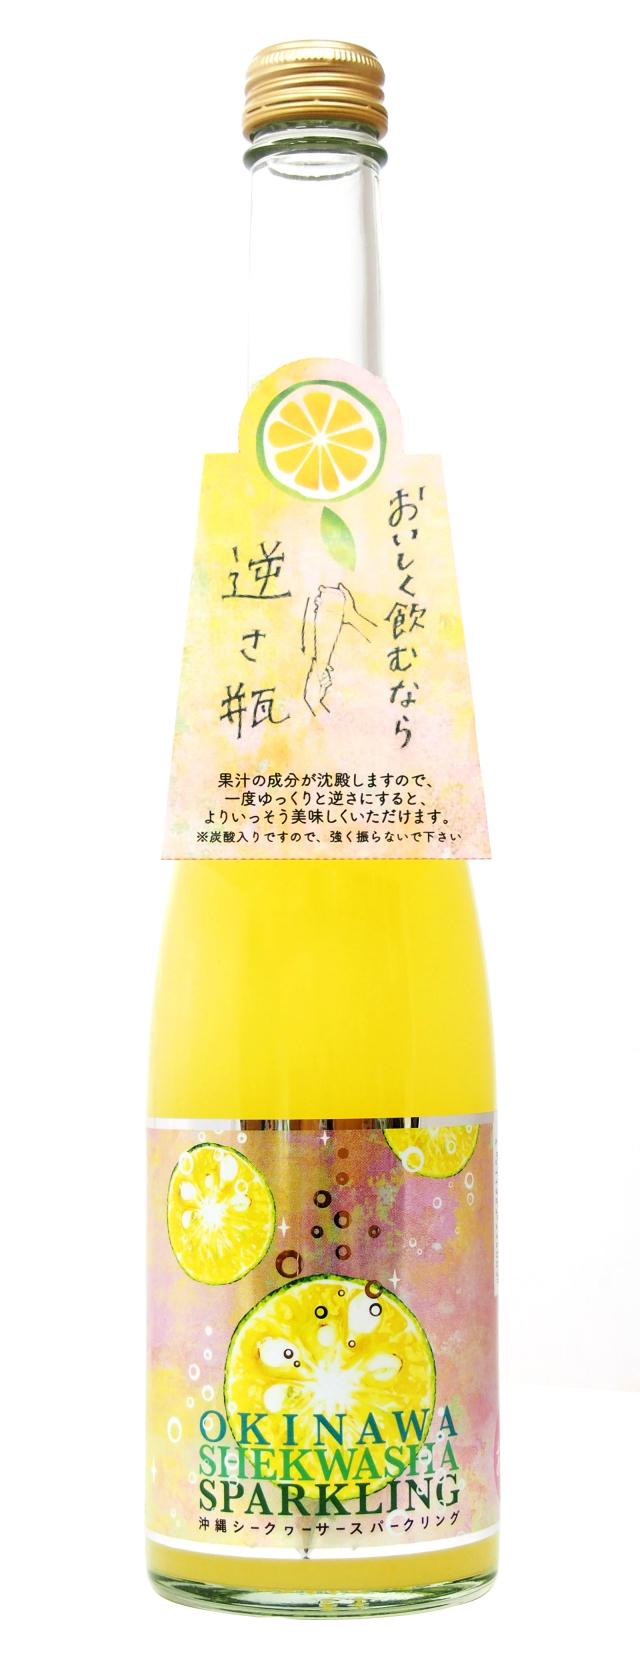 沖縄 シークァーサースパークリングリキュール (500ml)